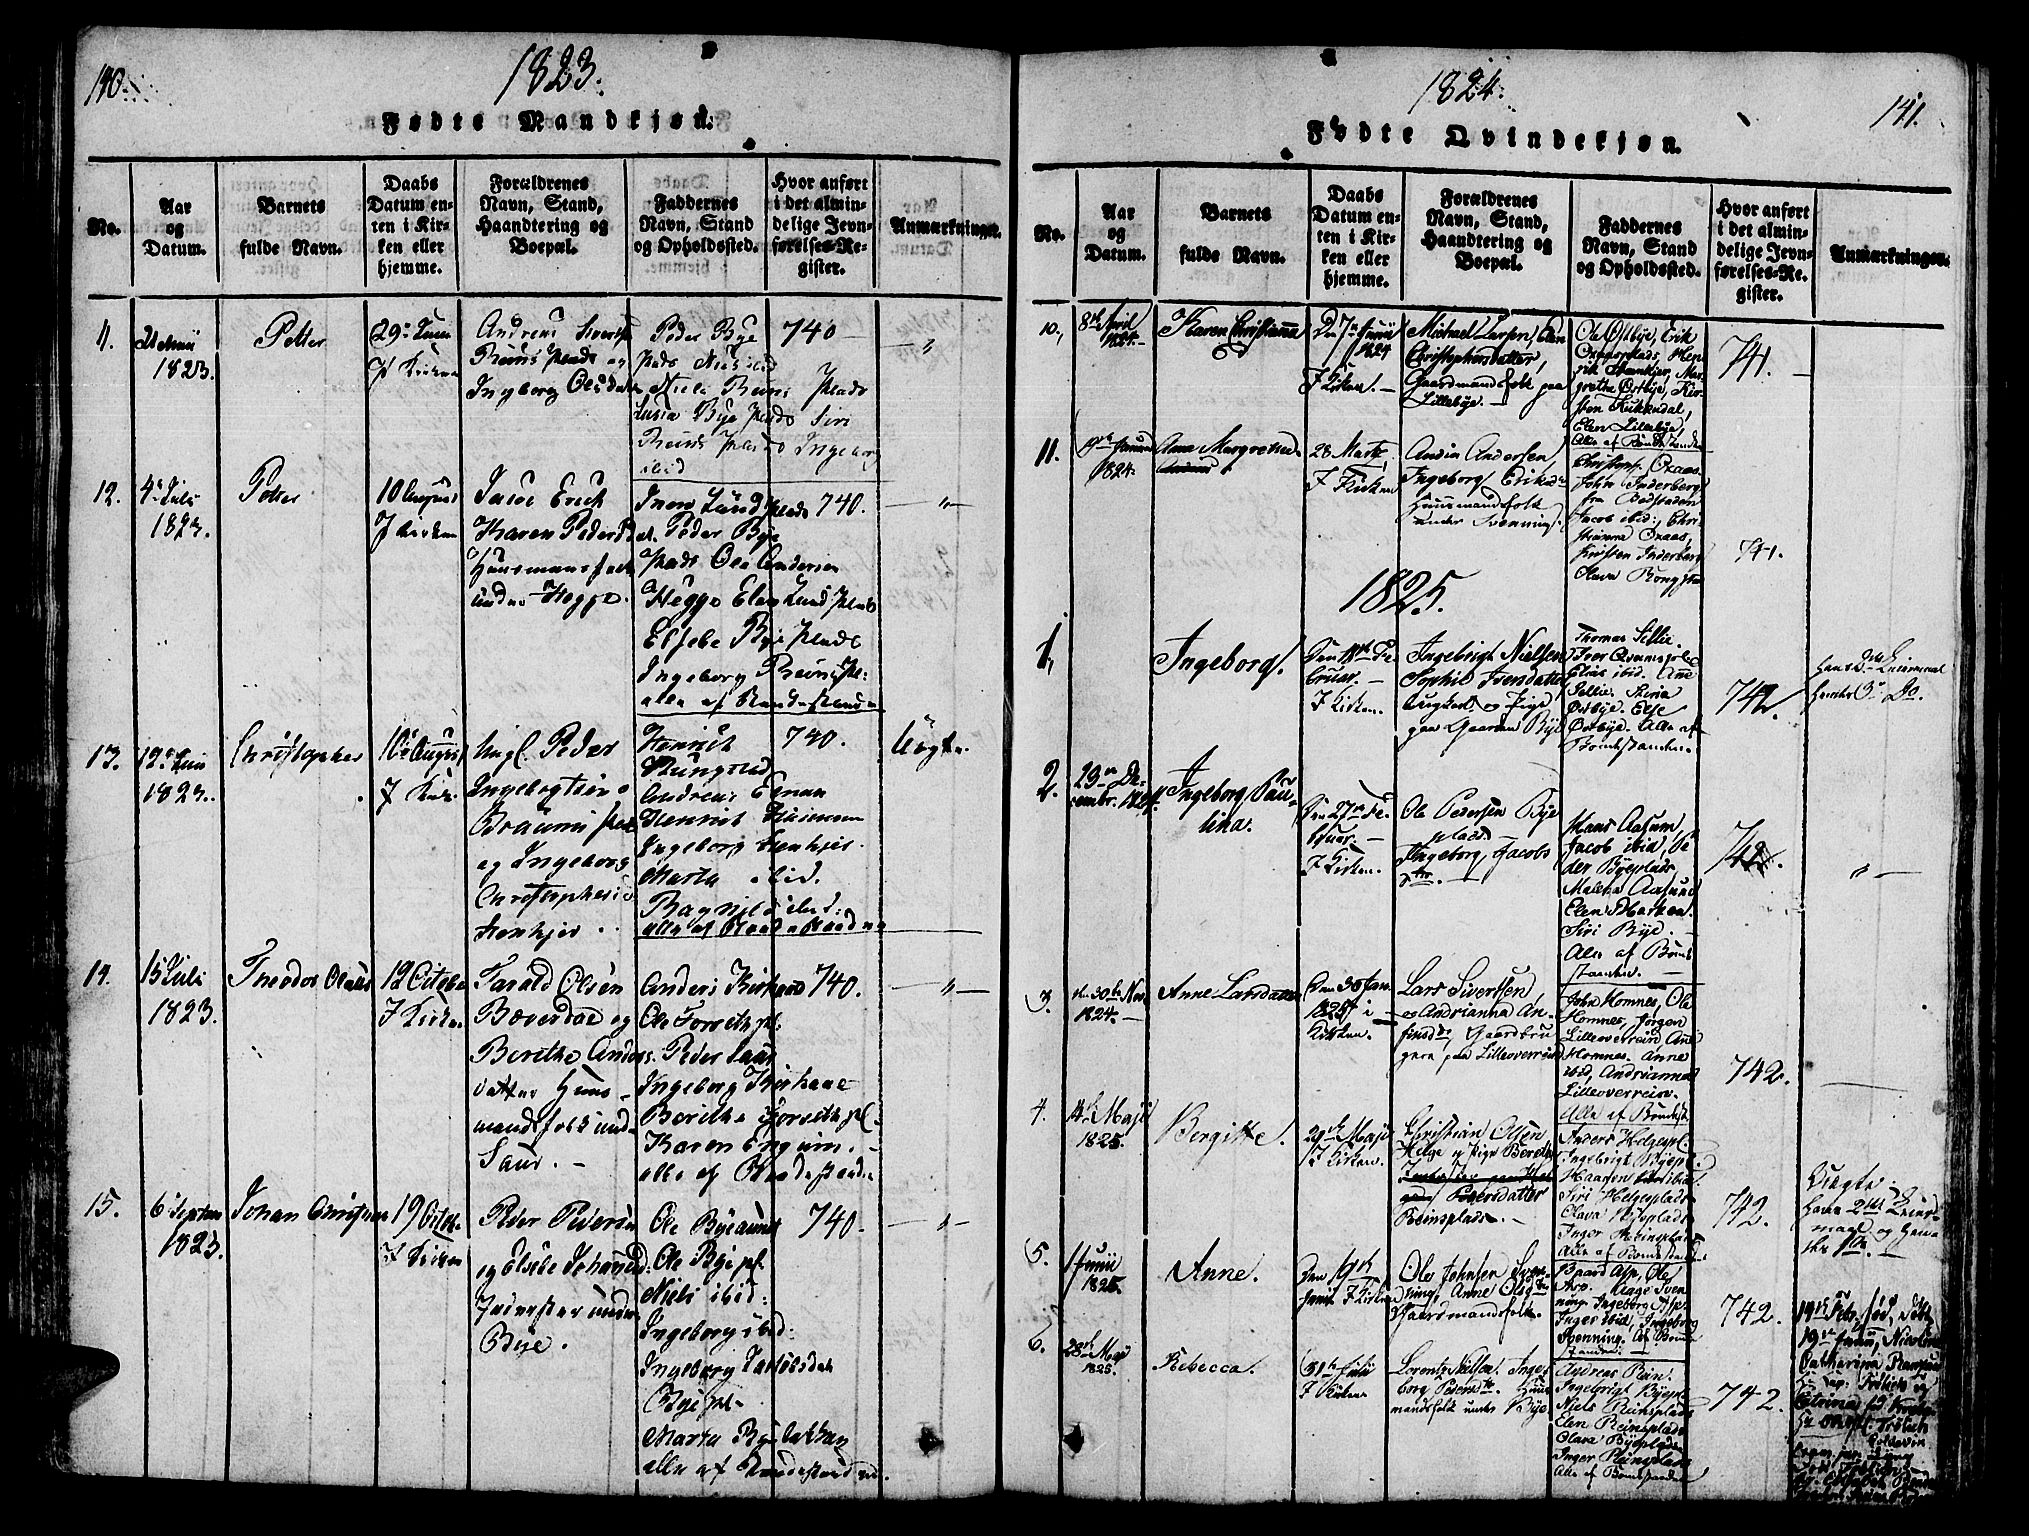 SAT, Ministerialprotokoller, klokkerbøker og fødselsregistre - Nord-Trøndelag, 746/L0441: Ministerialbok nr. 736A03 /3, 1816-1827, s. 140-141